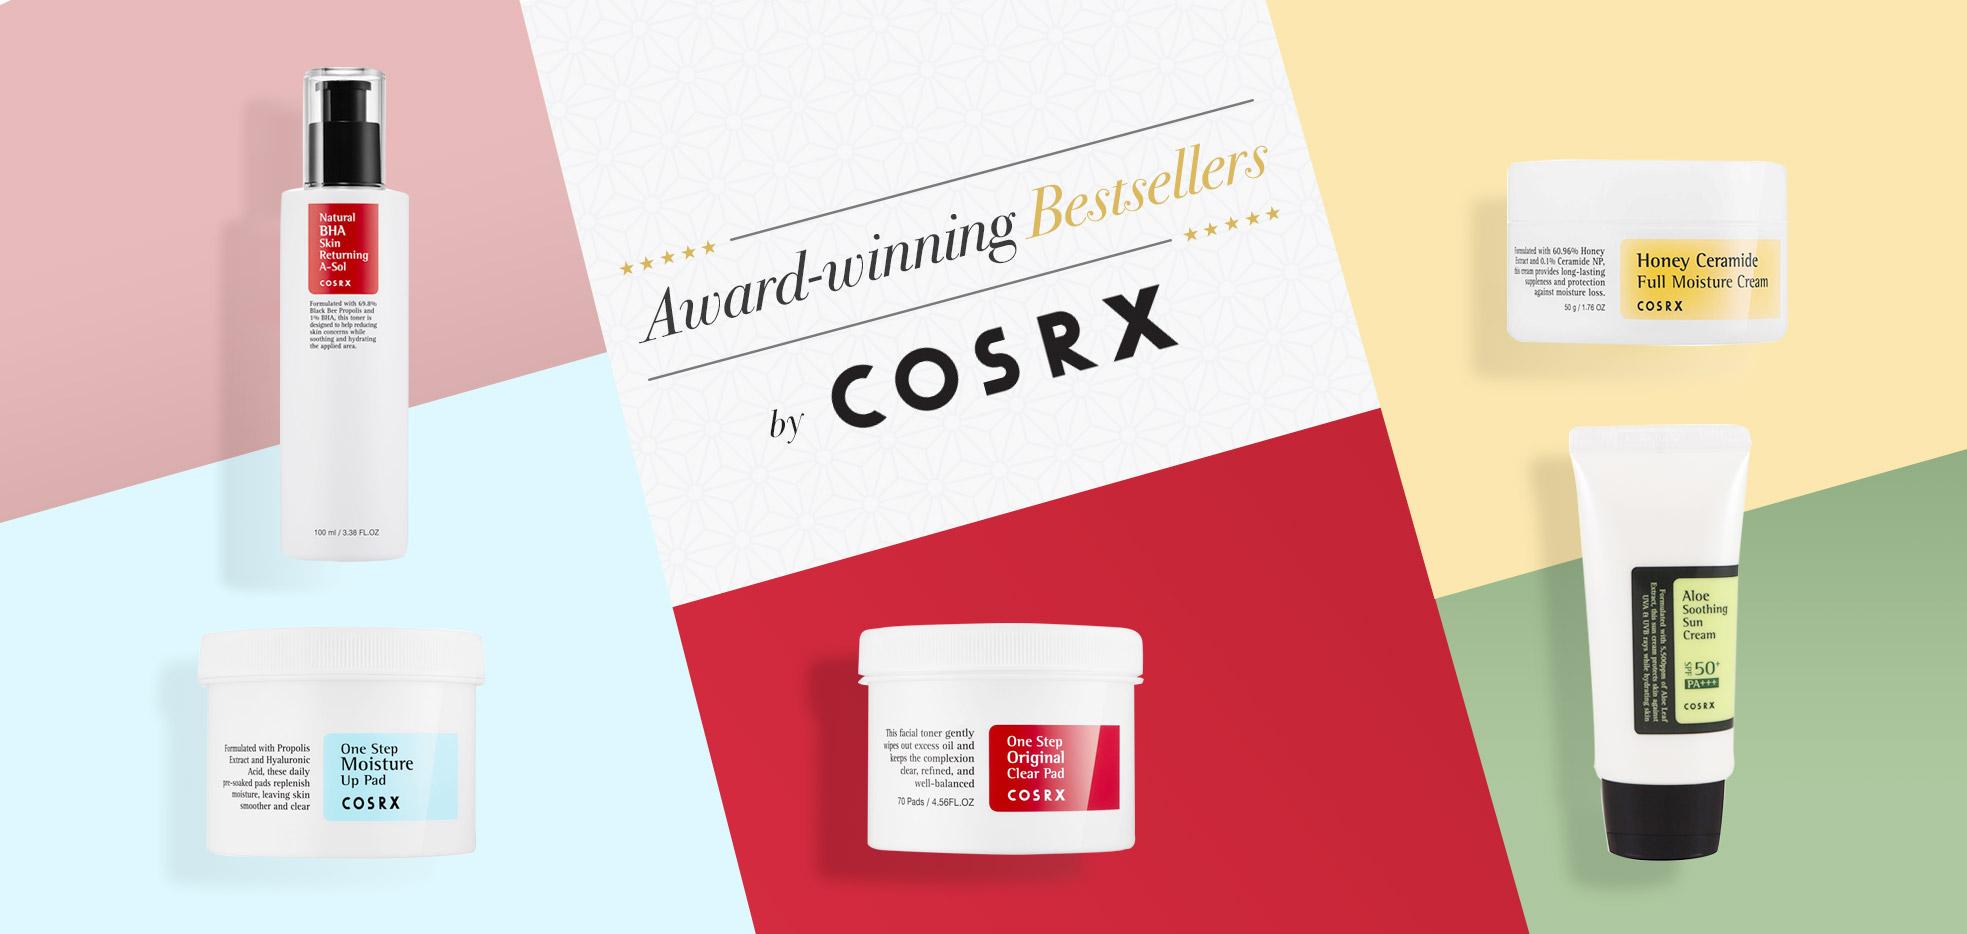 COSRX،محصولات پوستی کره ای